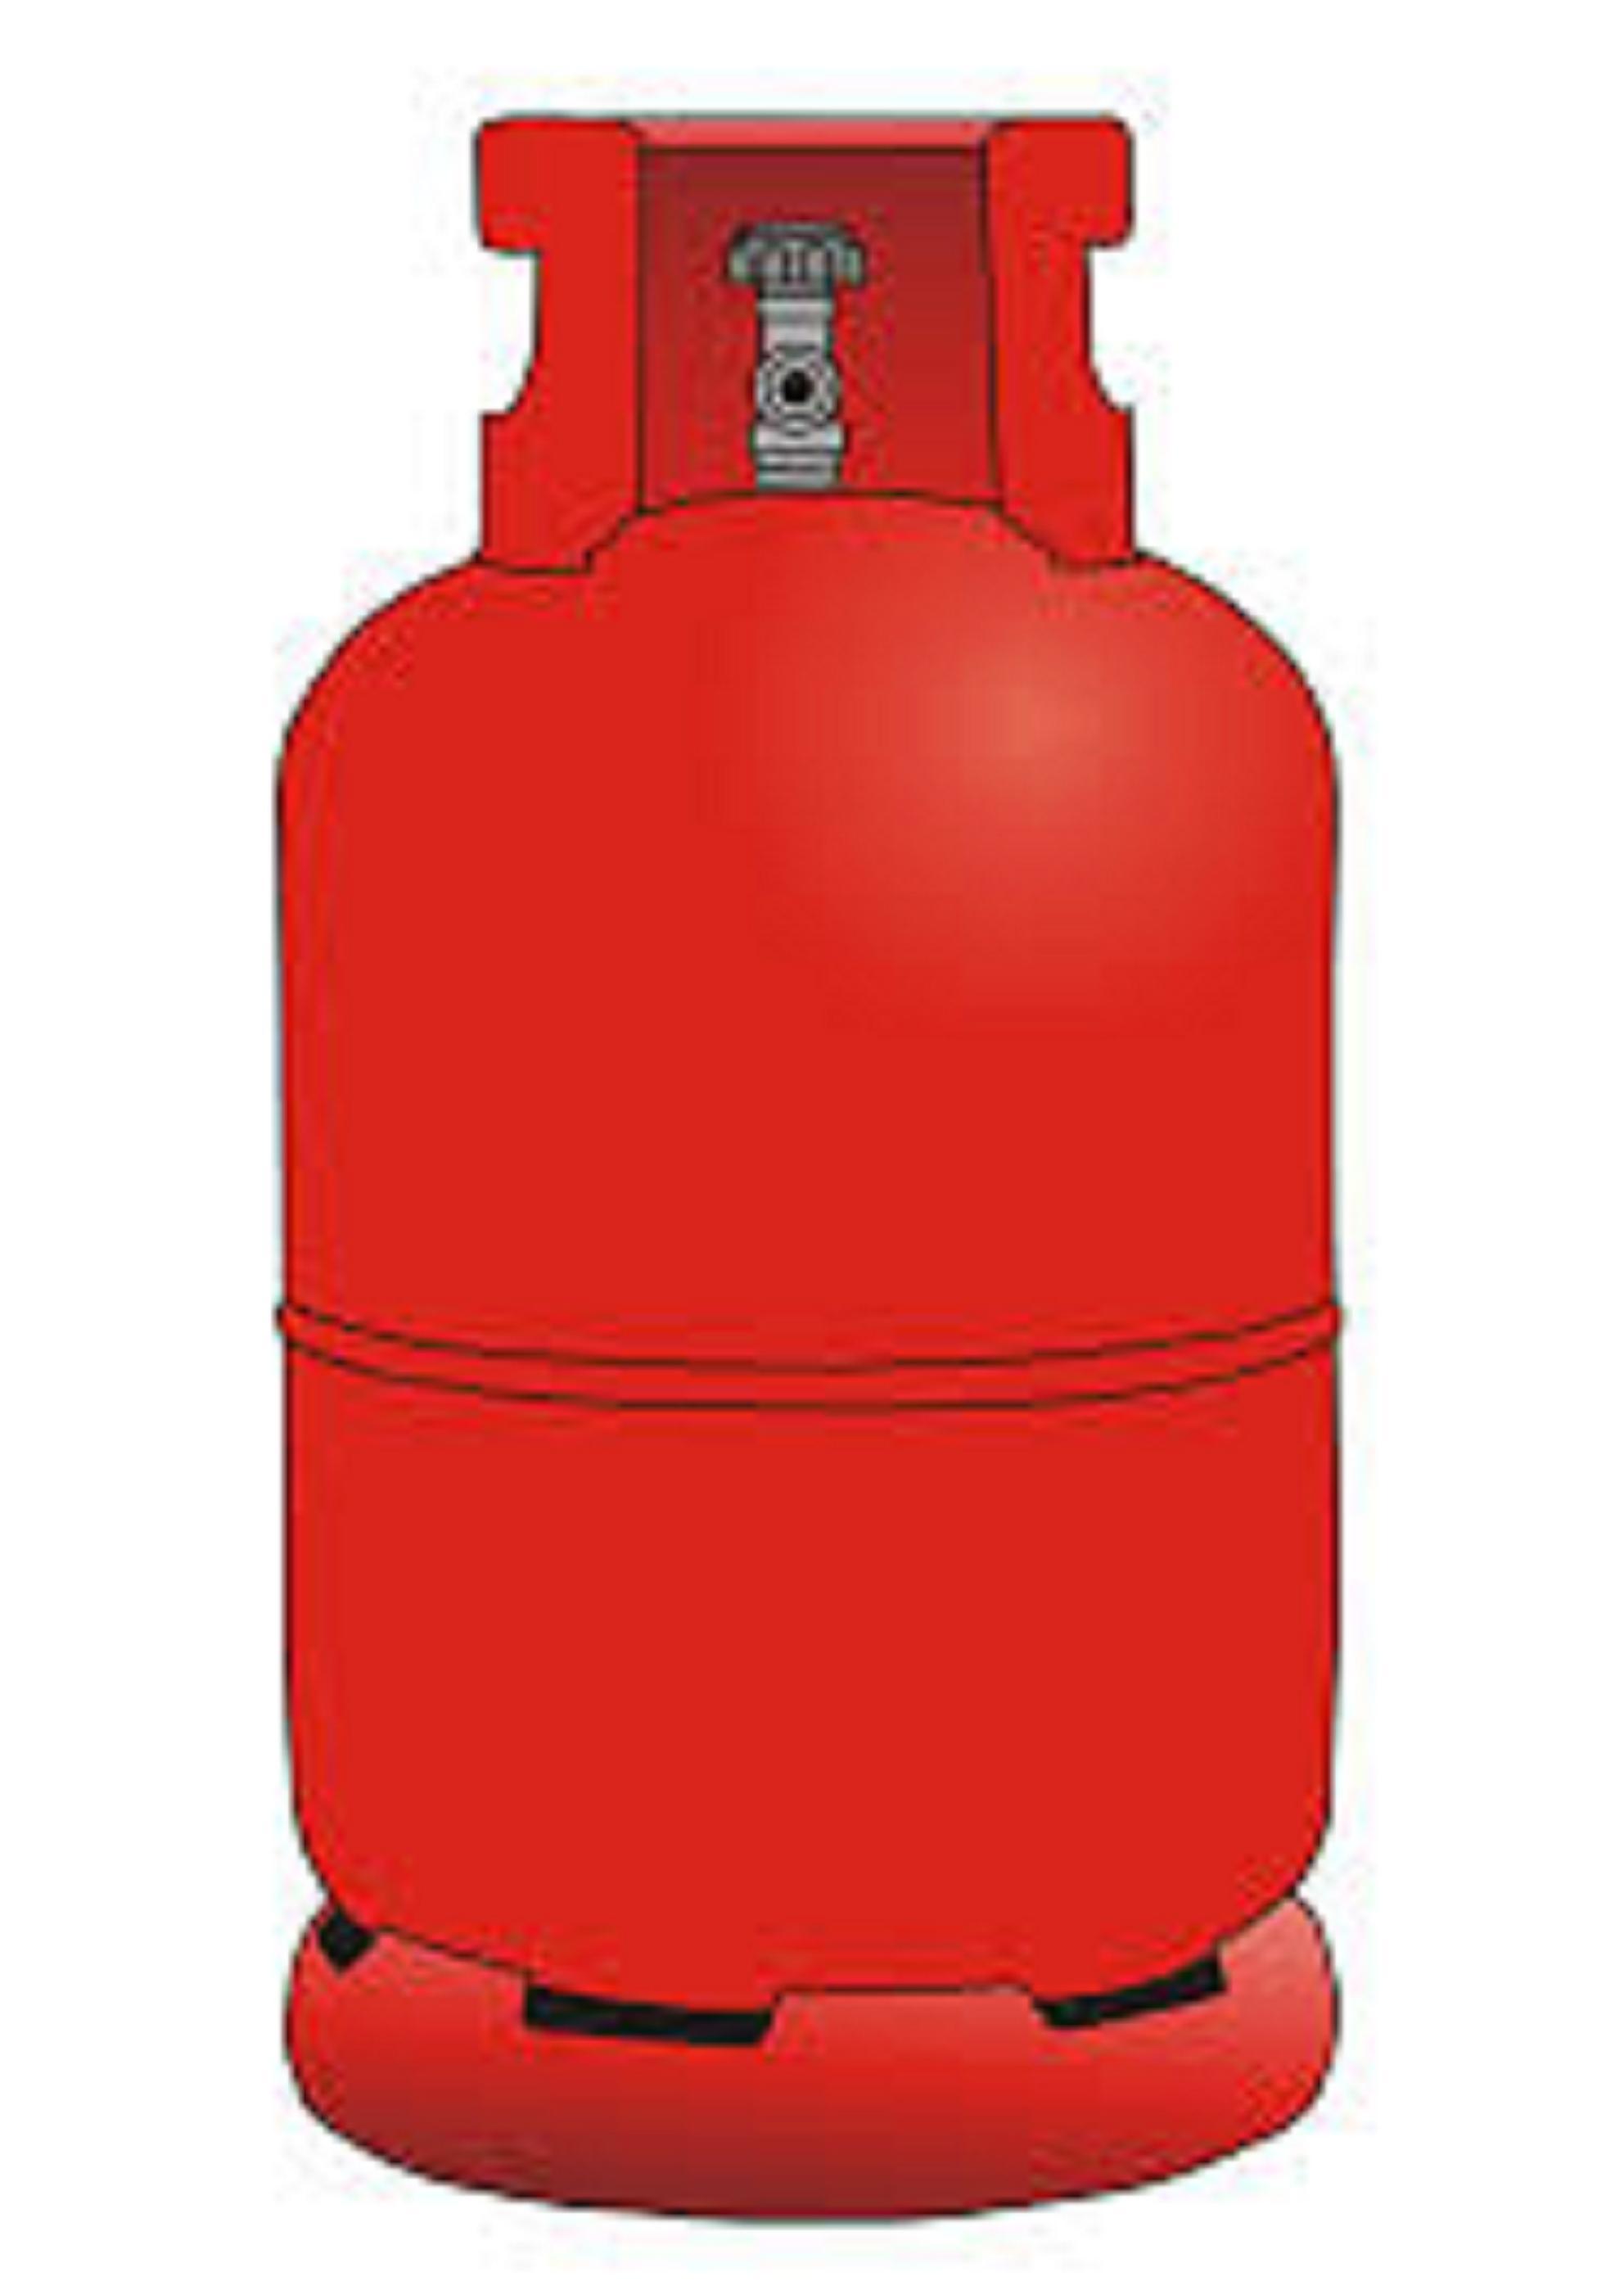 Lpg Cylinder PNG - 88012